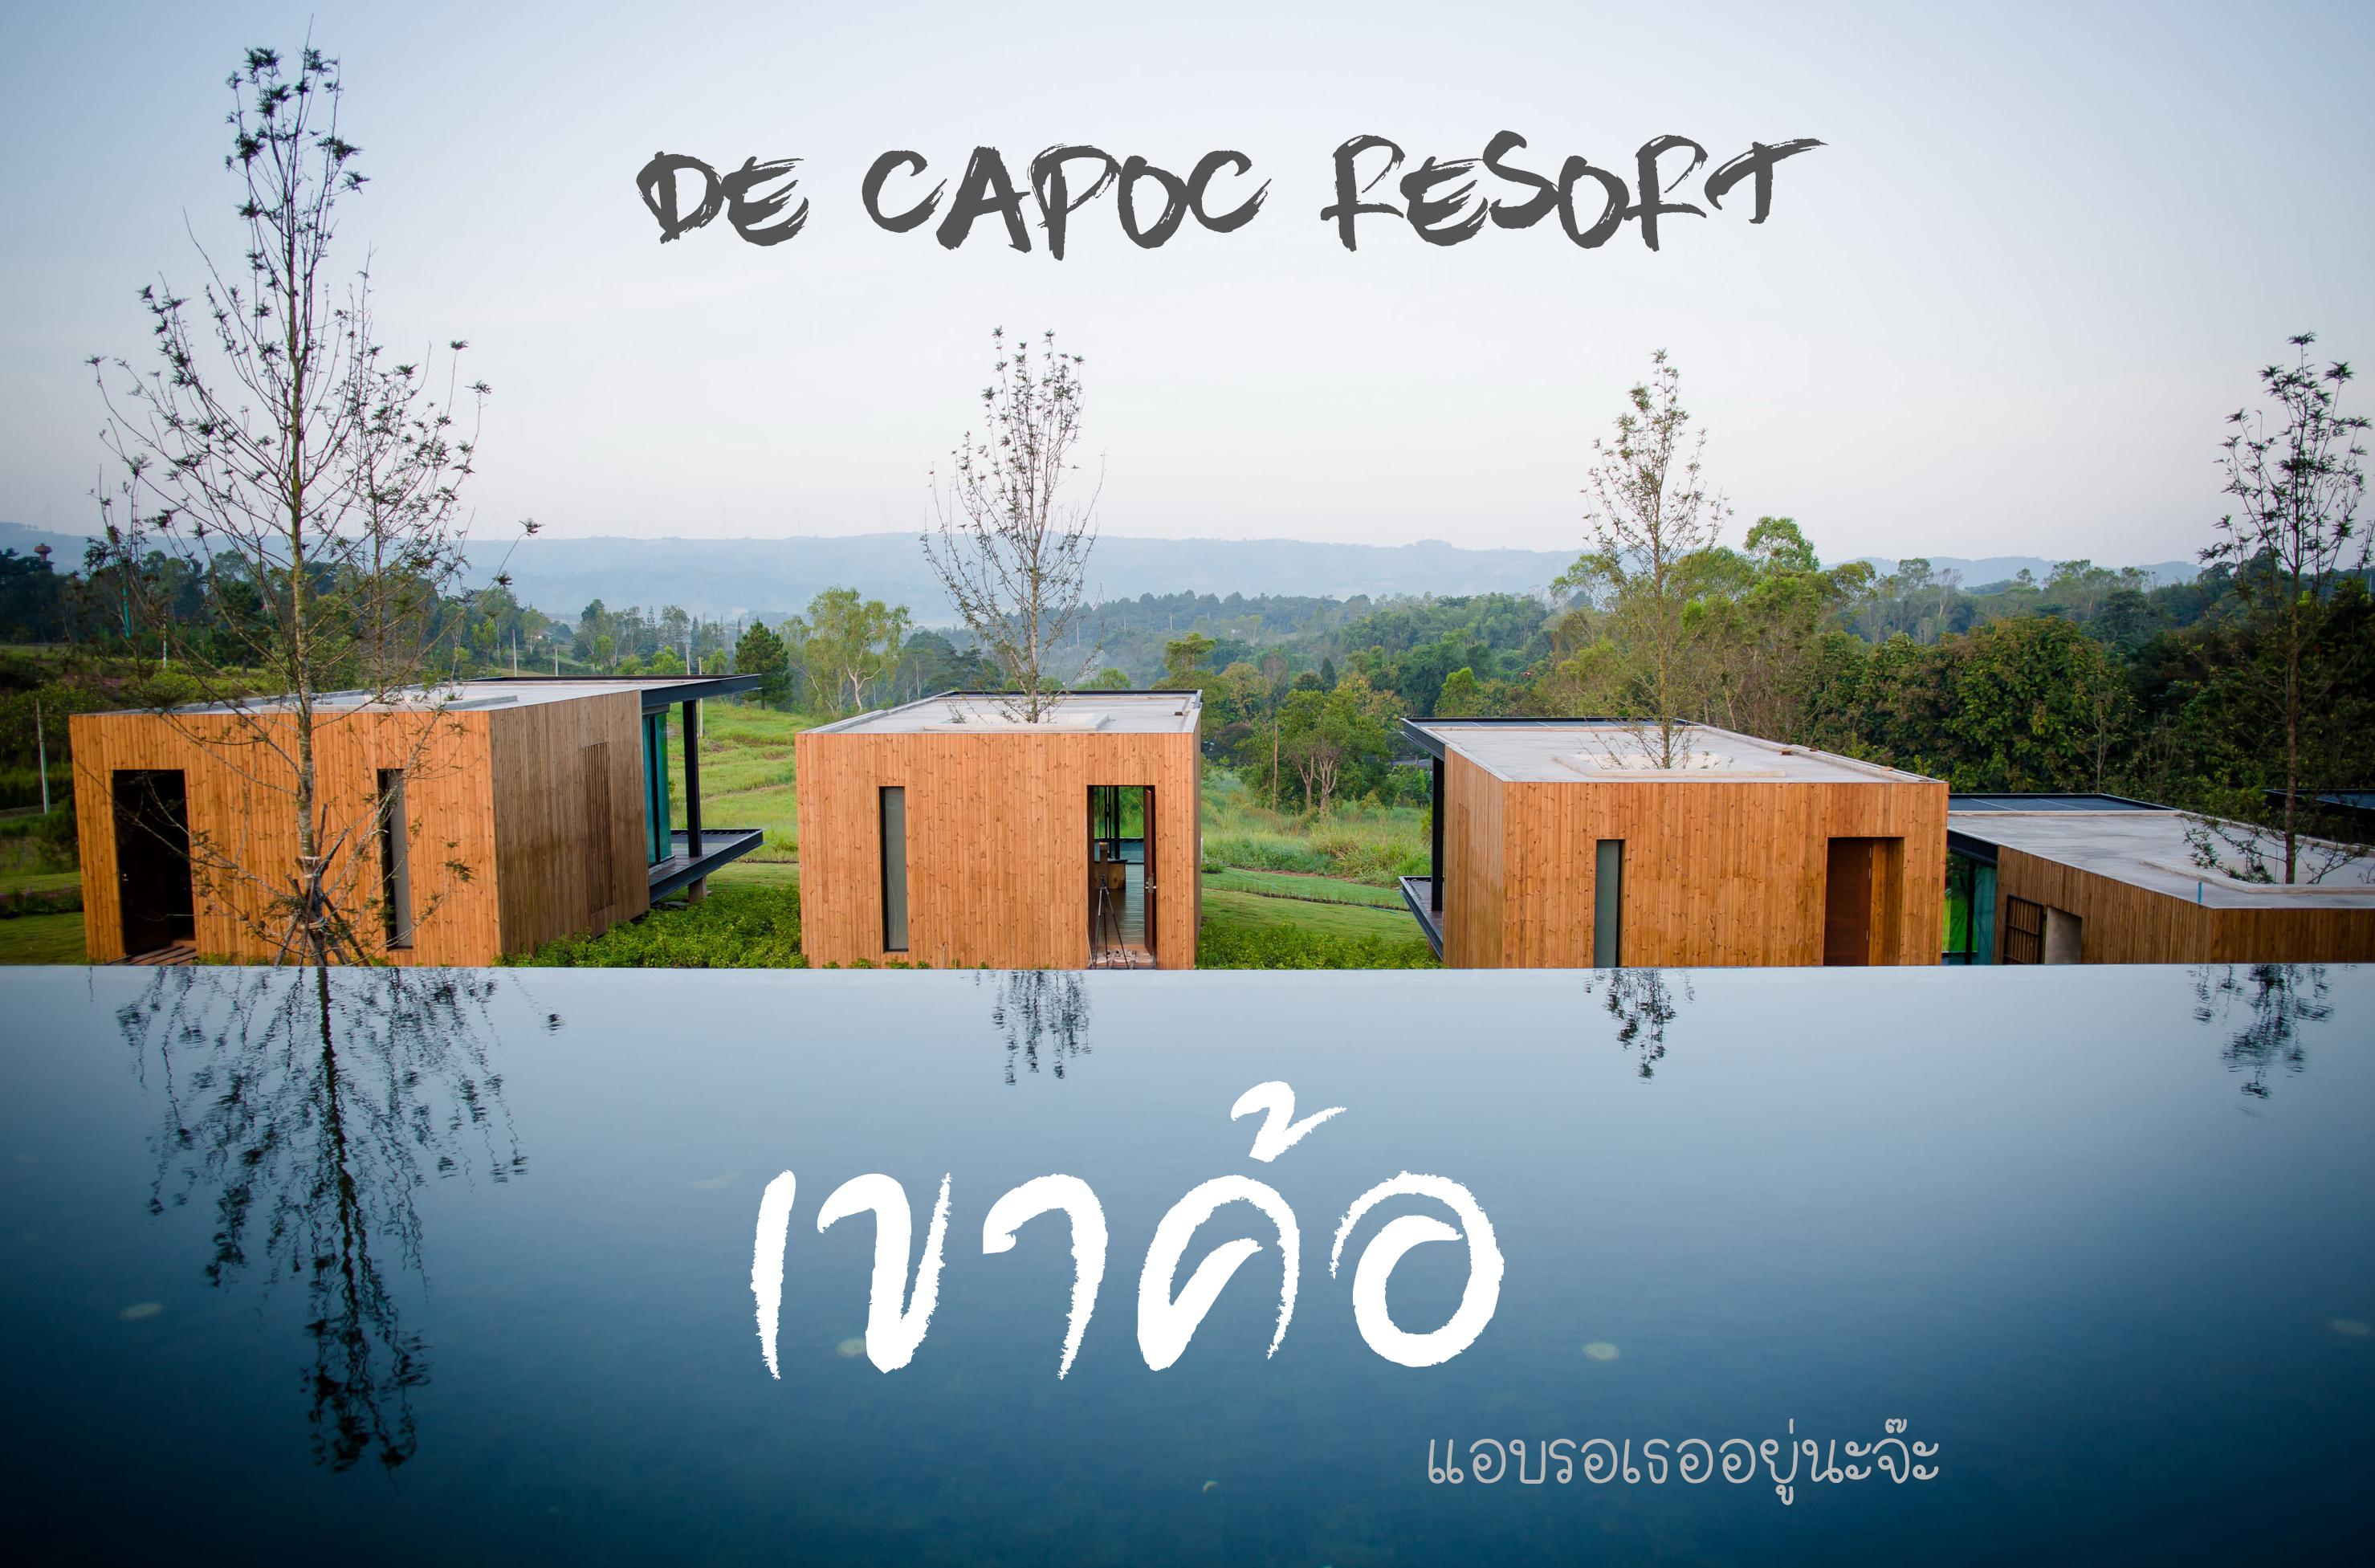 DE CAPOC resort ที่พักเขาค้อมีสระว่ายน้ำ